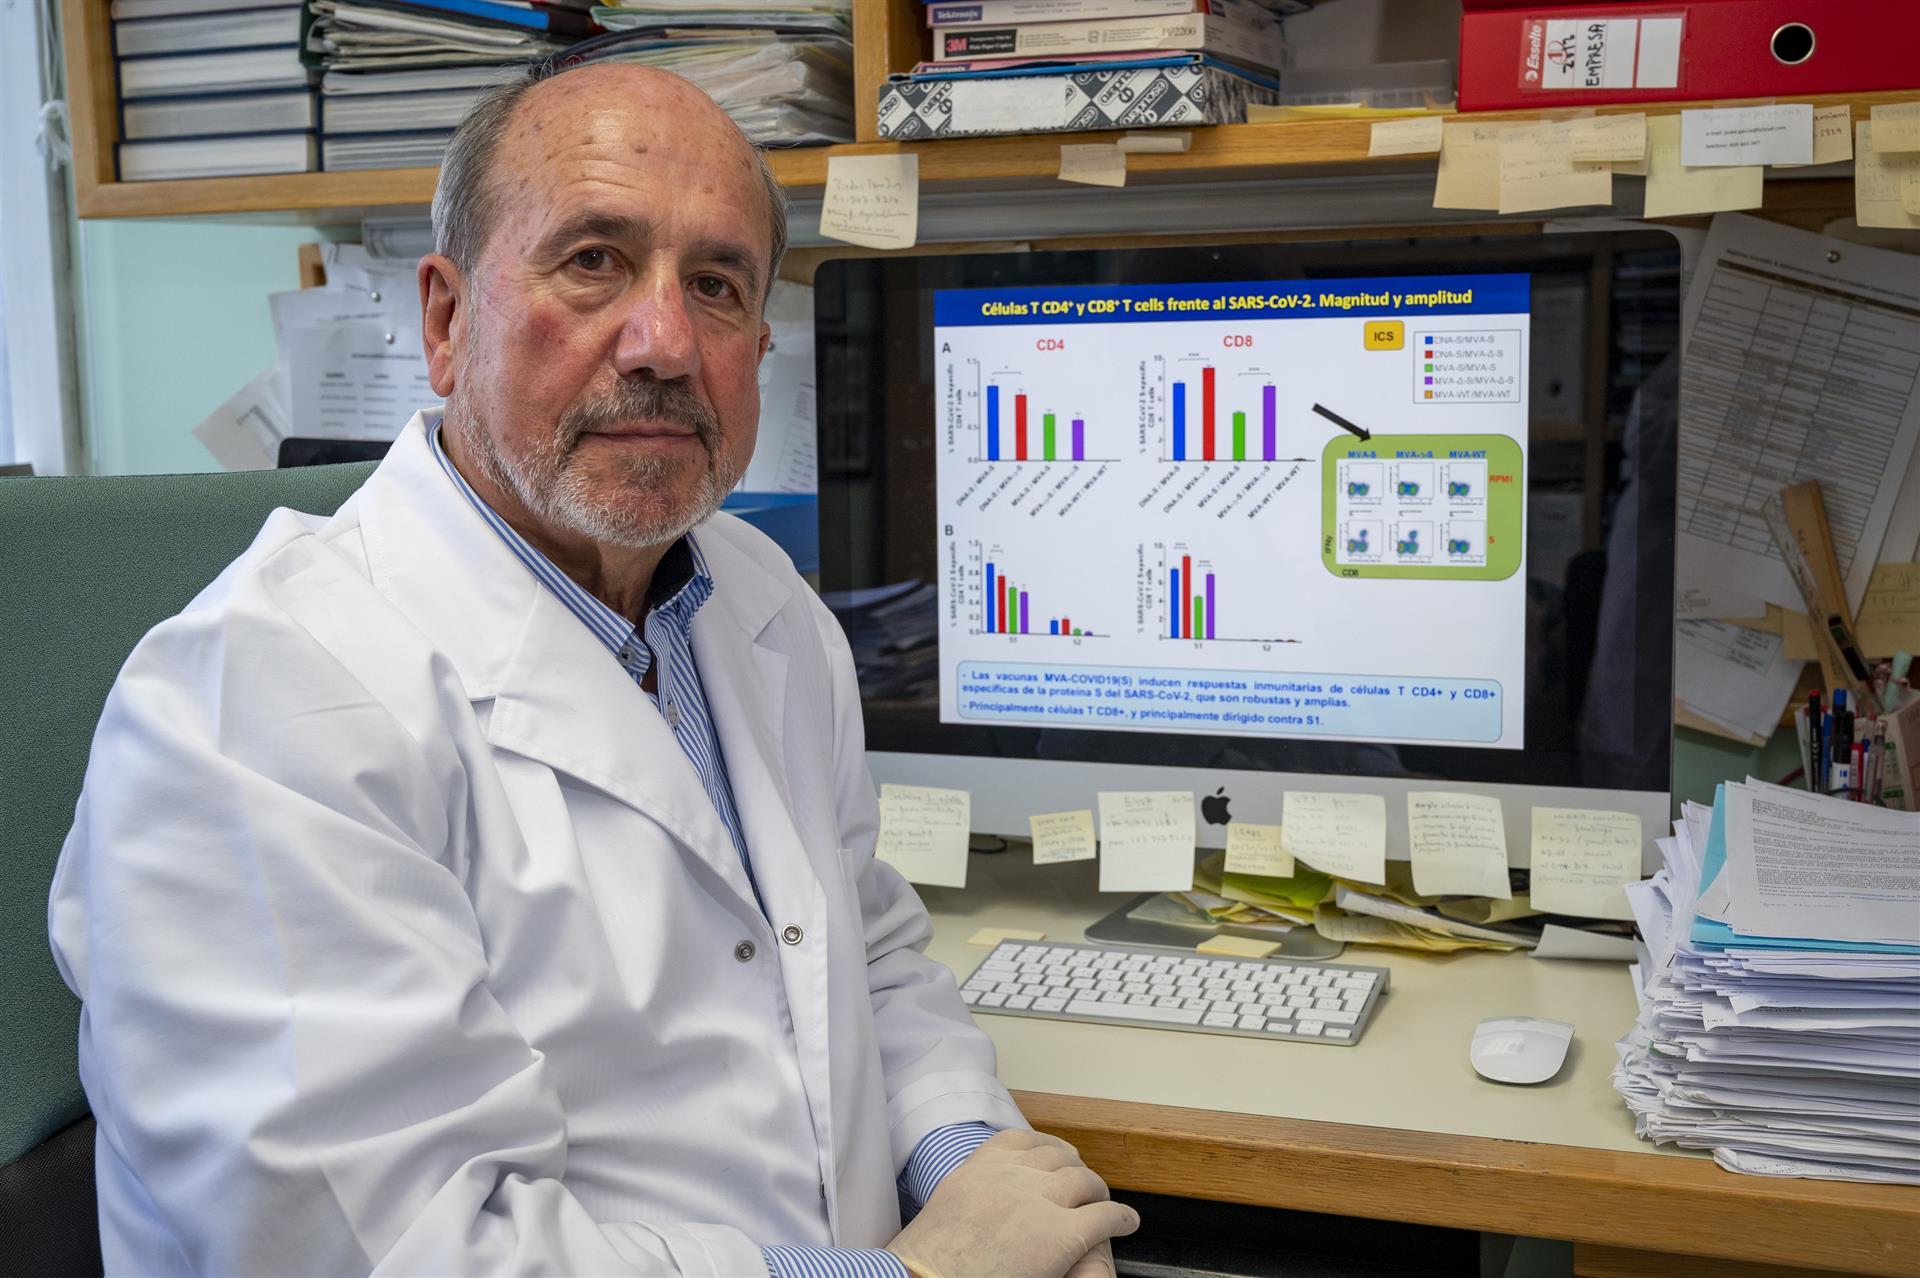 El investigador español Mariano Esteban del Centro Nacional de Biotecnología Foto CSIC